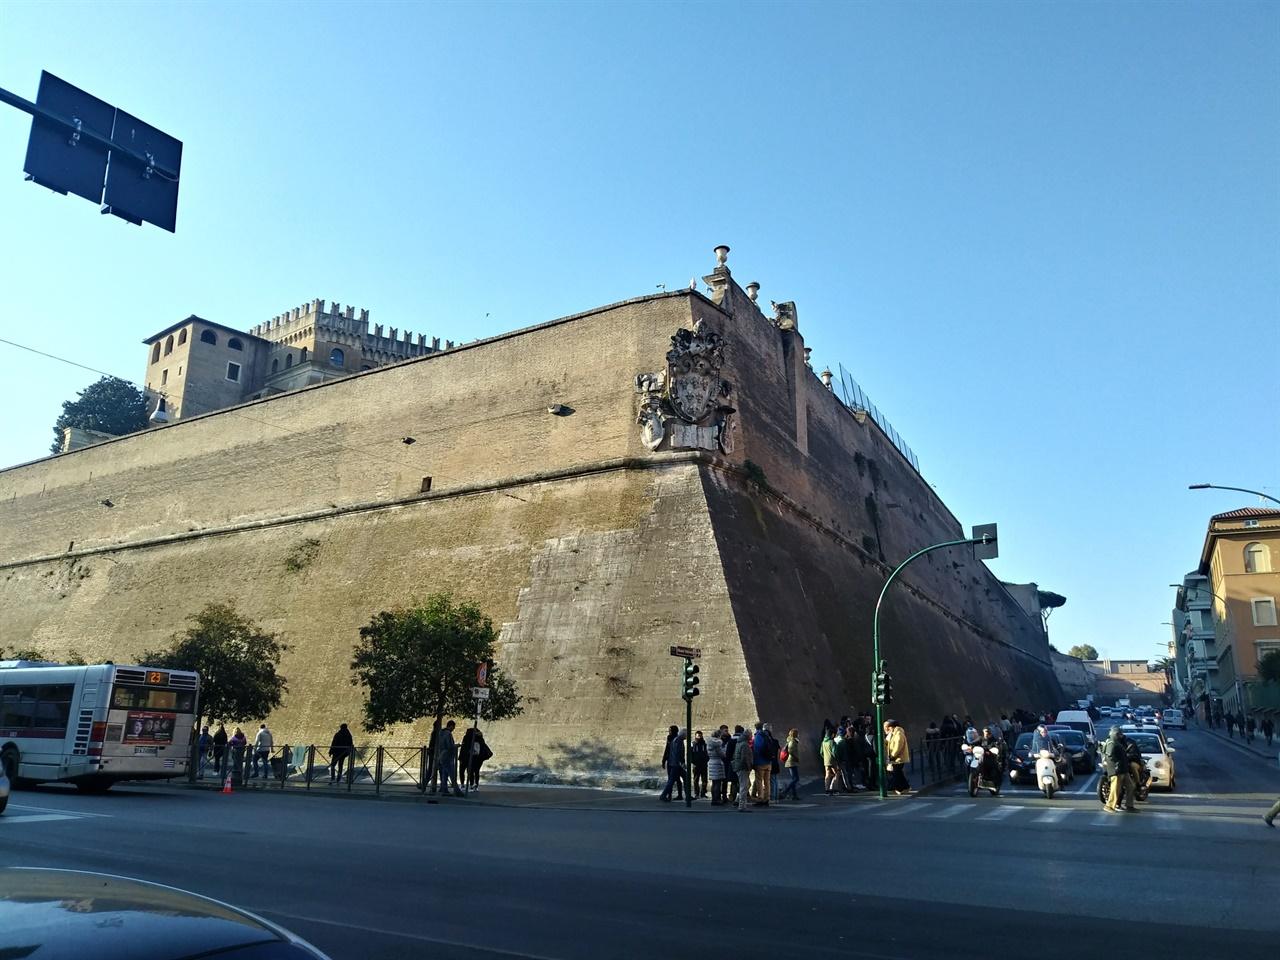 바티칸 박물관 입구 이른 아침부터 줄이 길게 늘어서 있다. 높은 성채처럼 보이는 벽이 로마와 바티칸의 국경이다.